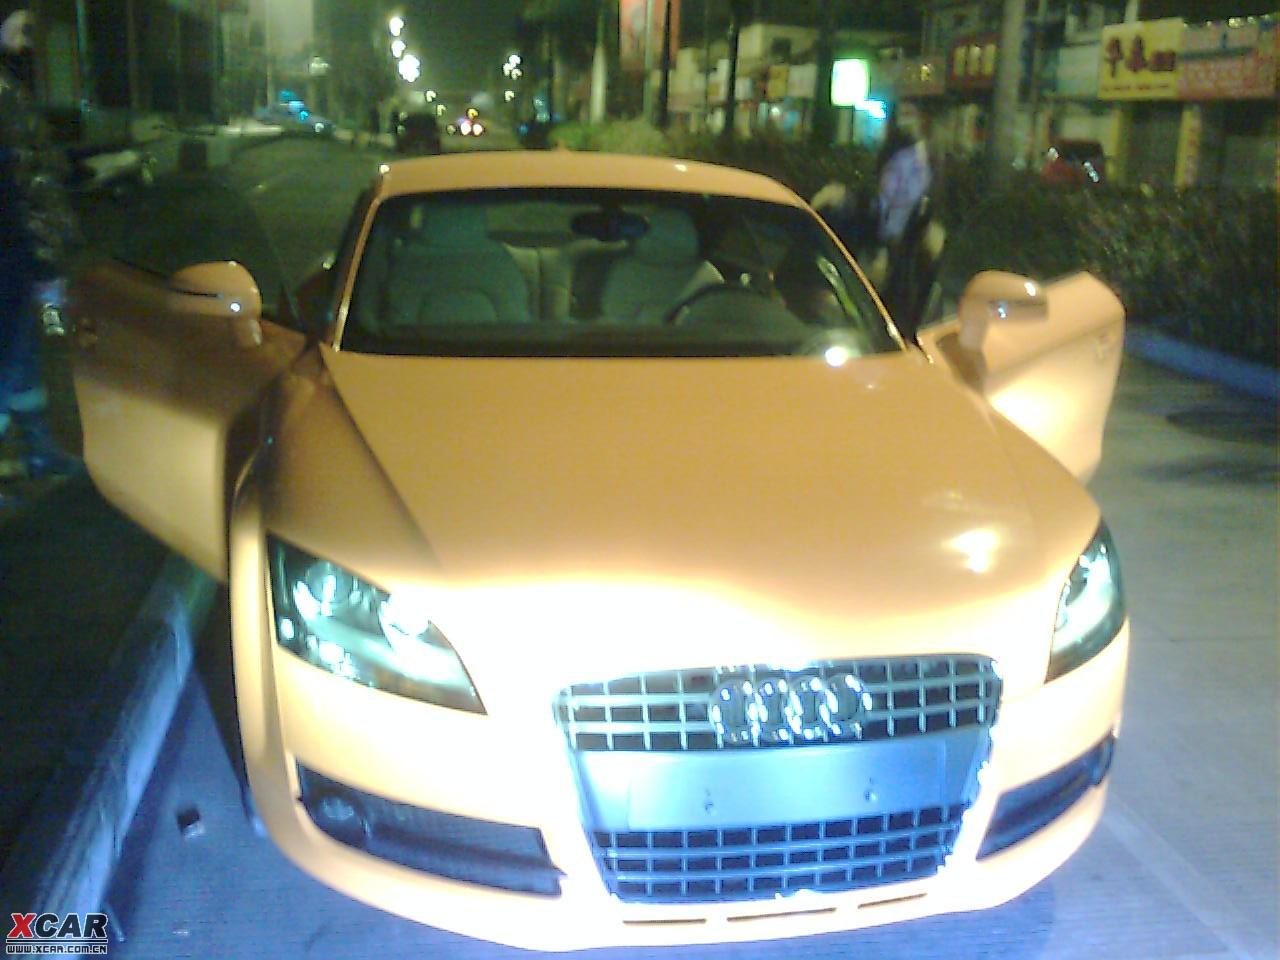 昨晚见到一美女开一台橙色新款奥迪tt 广西汽车论坛 xcar 爱高清图片